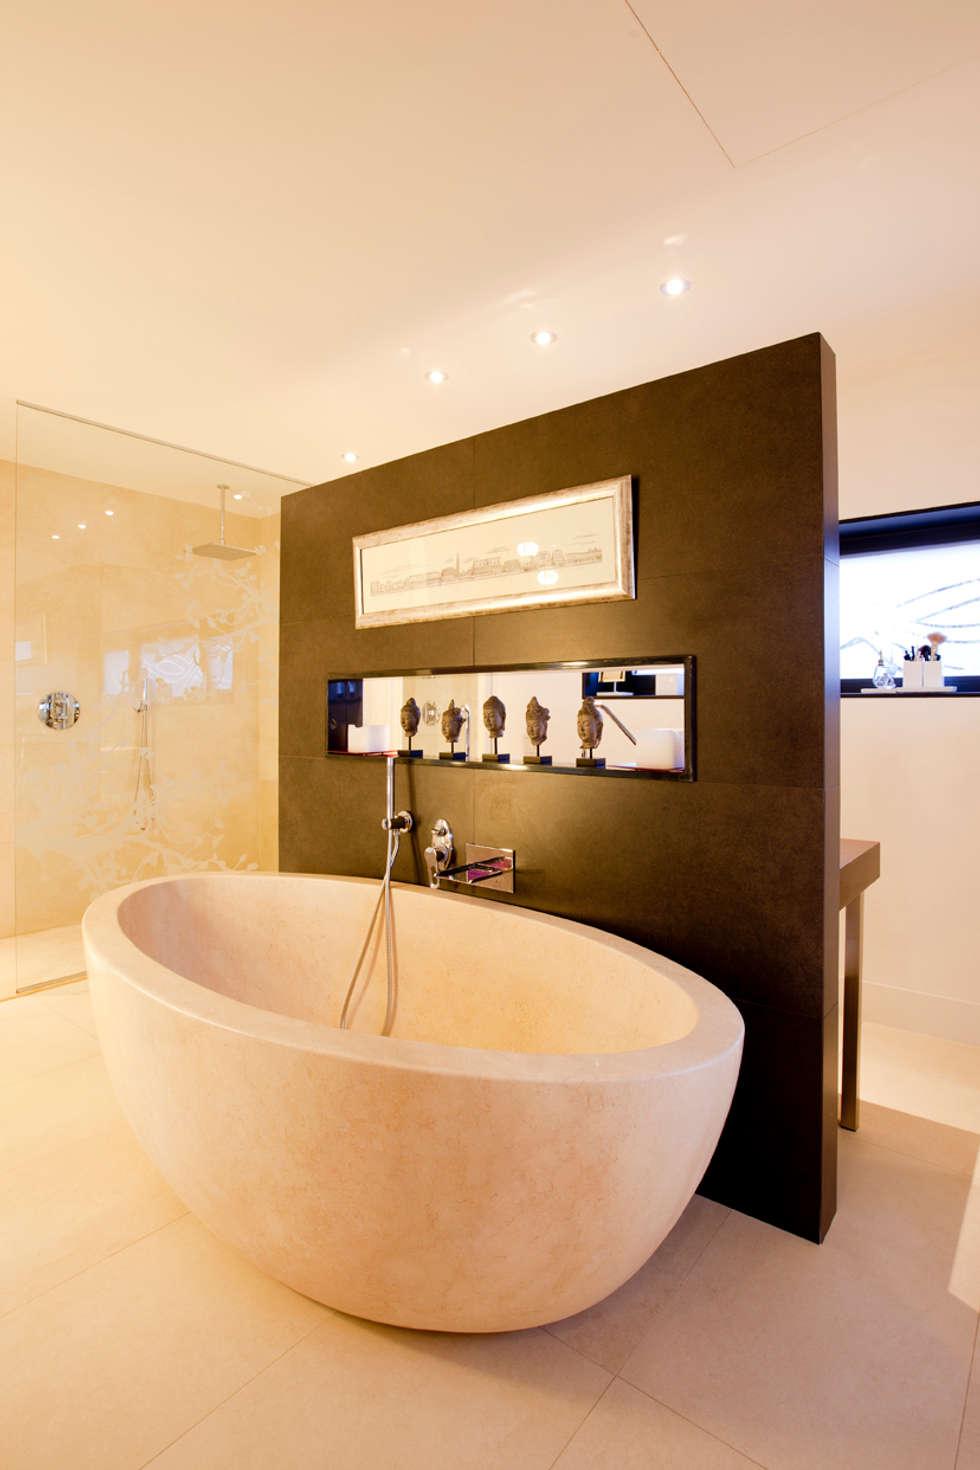 Fotos de casas de banho minimalistas por ipunto - Interiorismo de casas ...